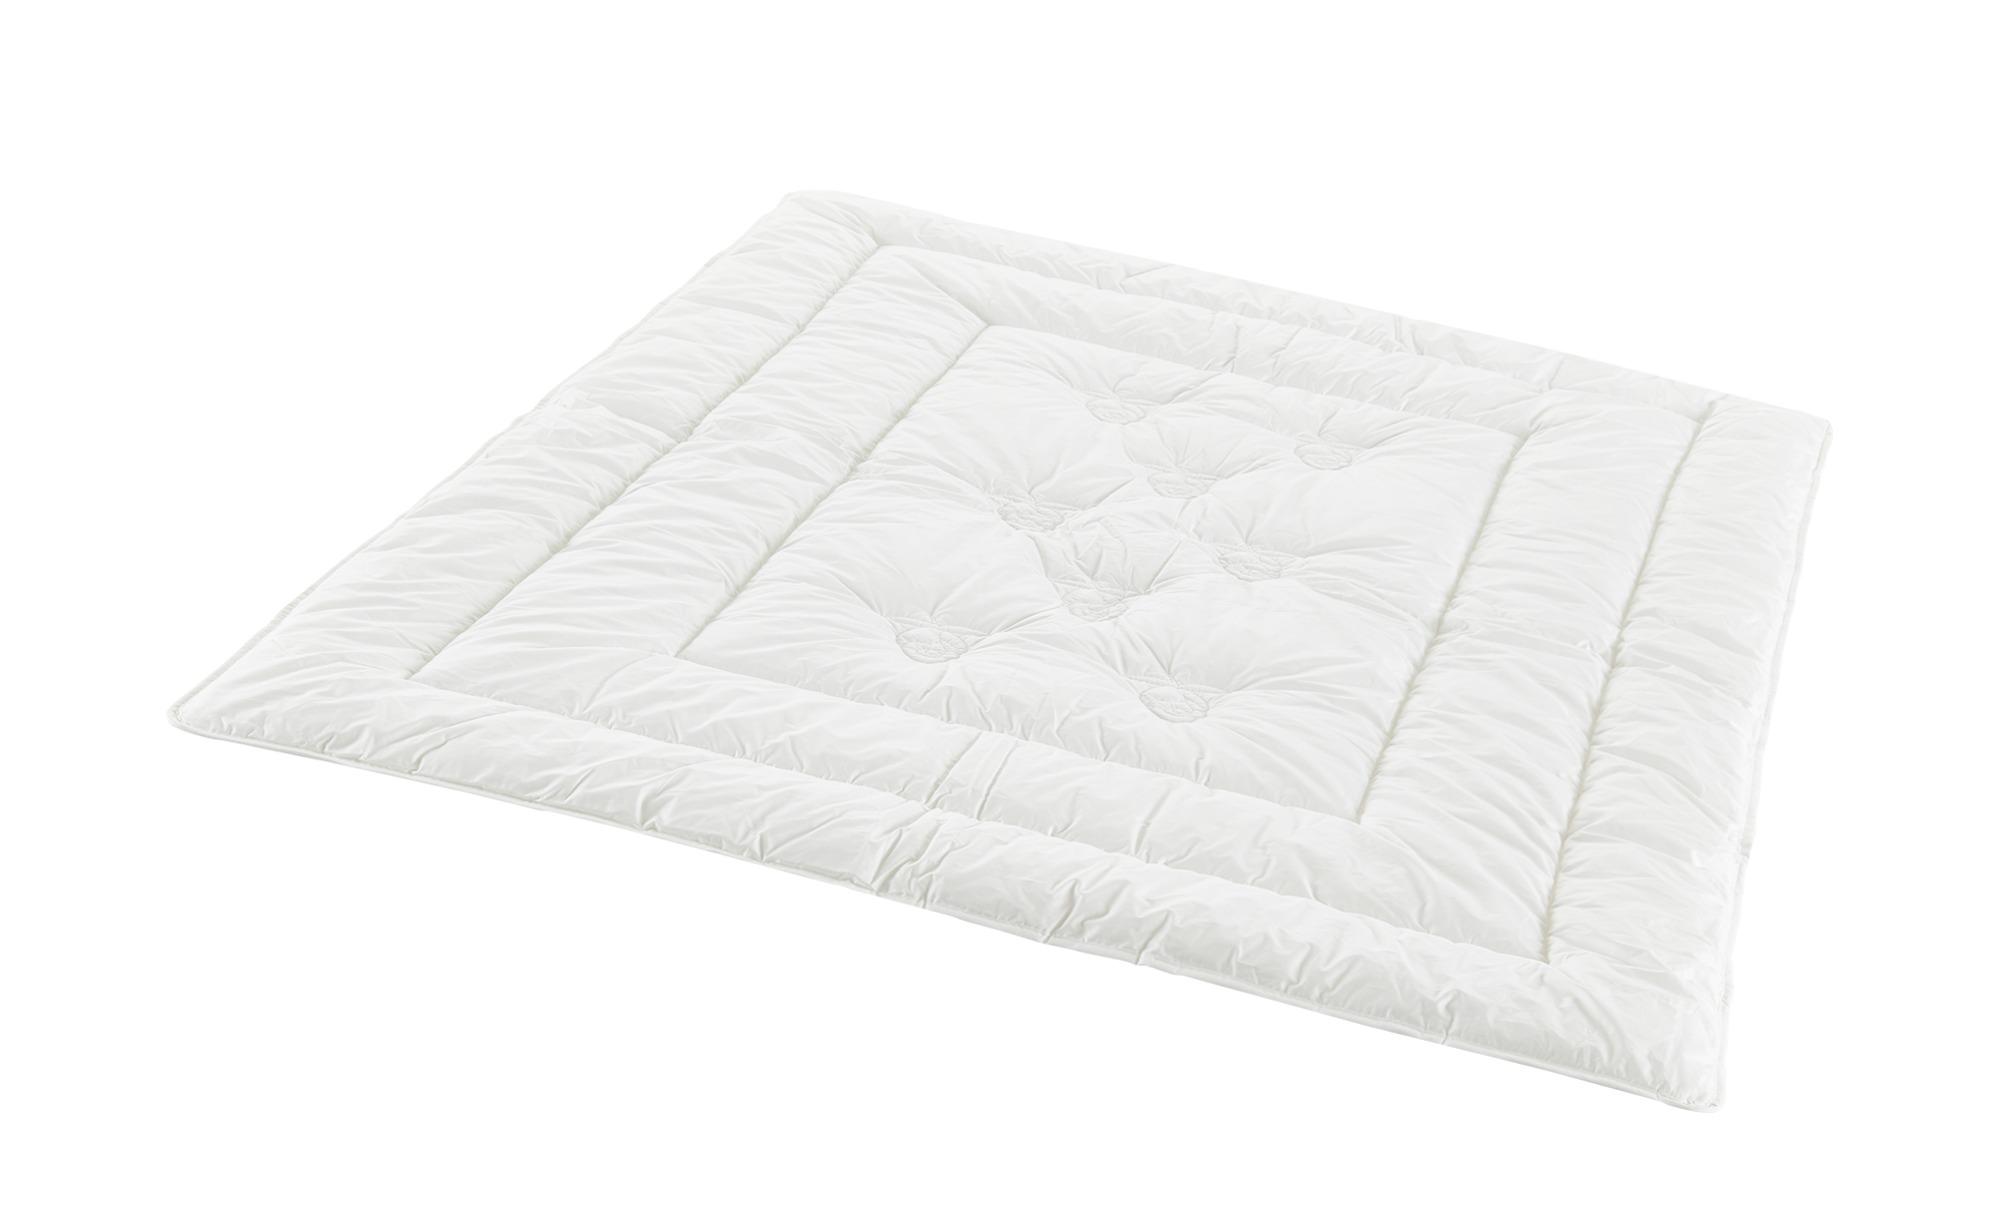 Kopfkissen Decke Bettdecke Daunen 135x200 Karstadt